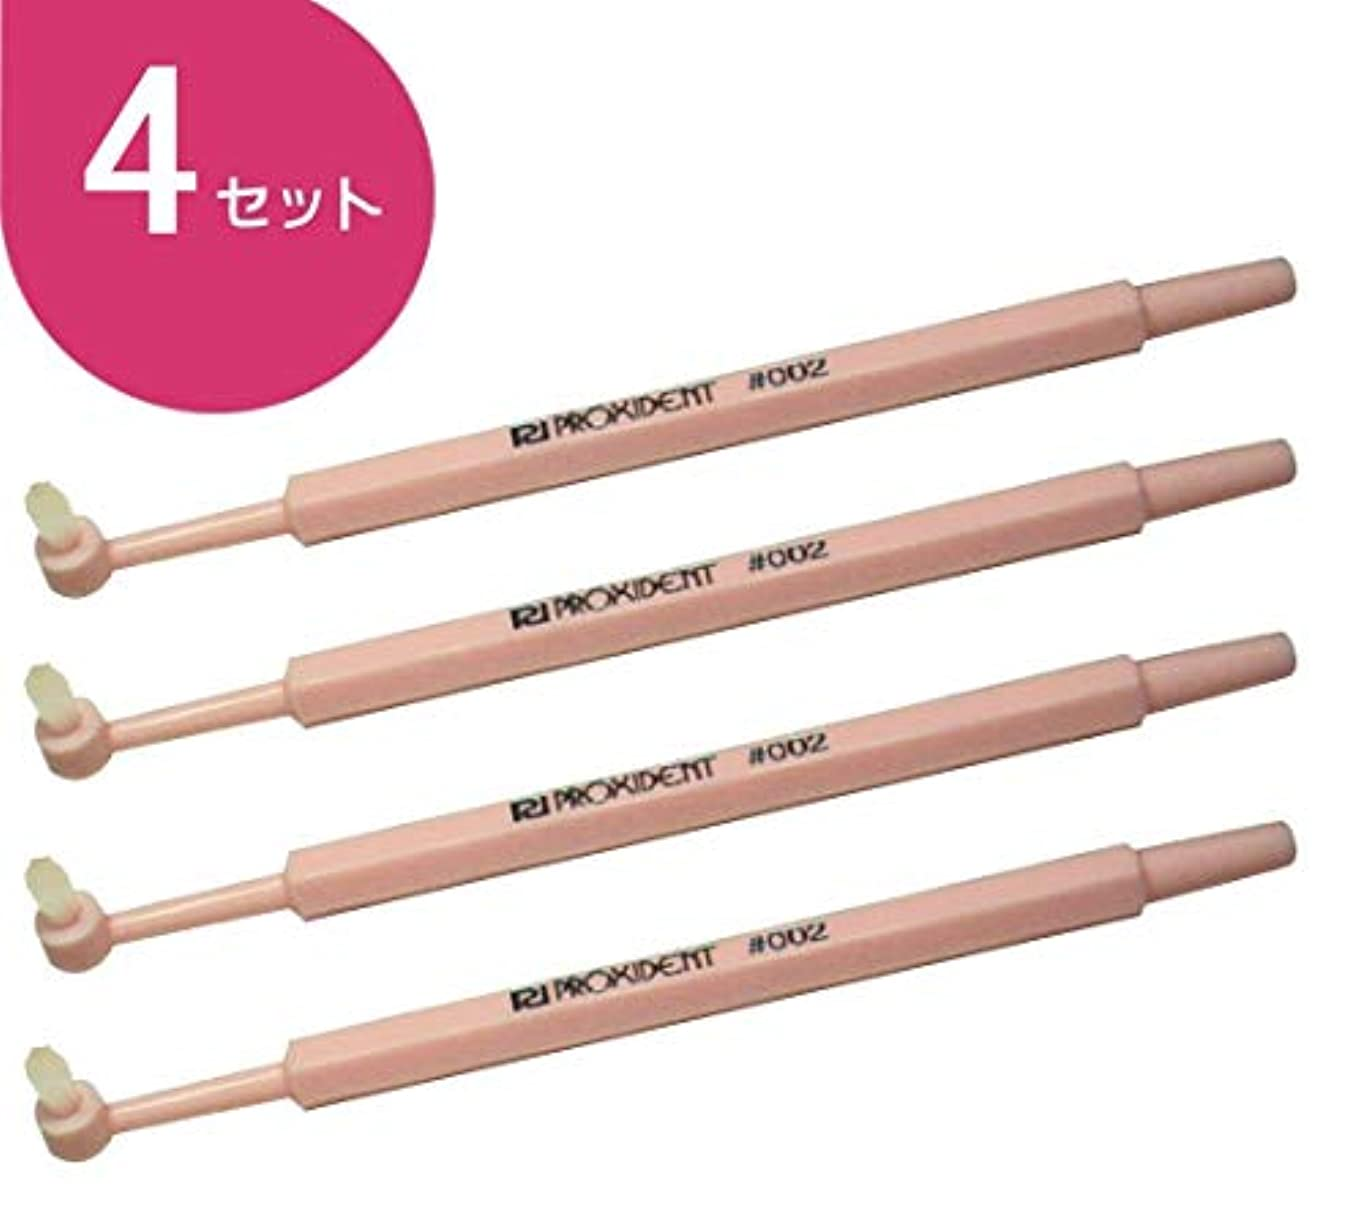 メンタリティマネージャー速度プローデント プロキシデント フィックスワン(Fix one)歯ブラシ #002 soft (4本)